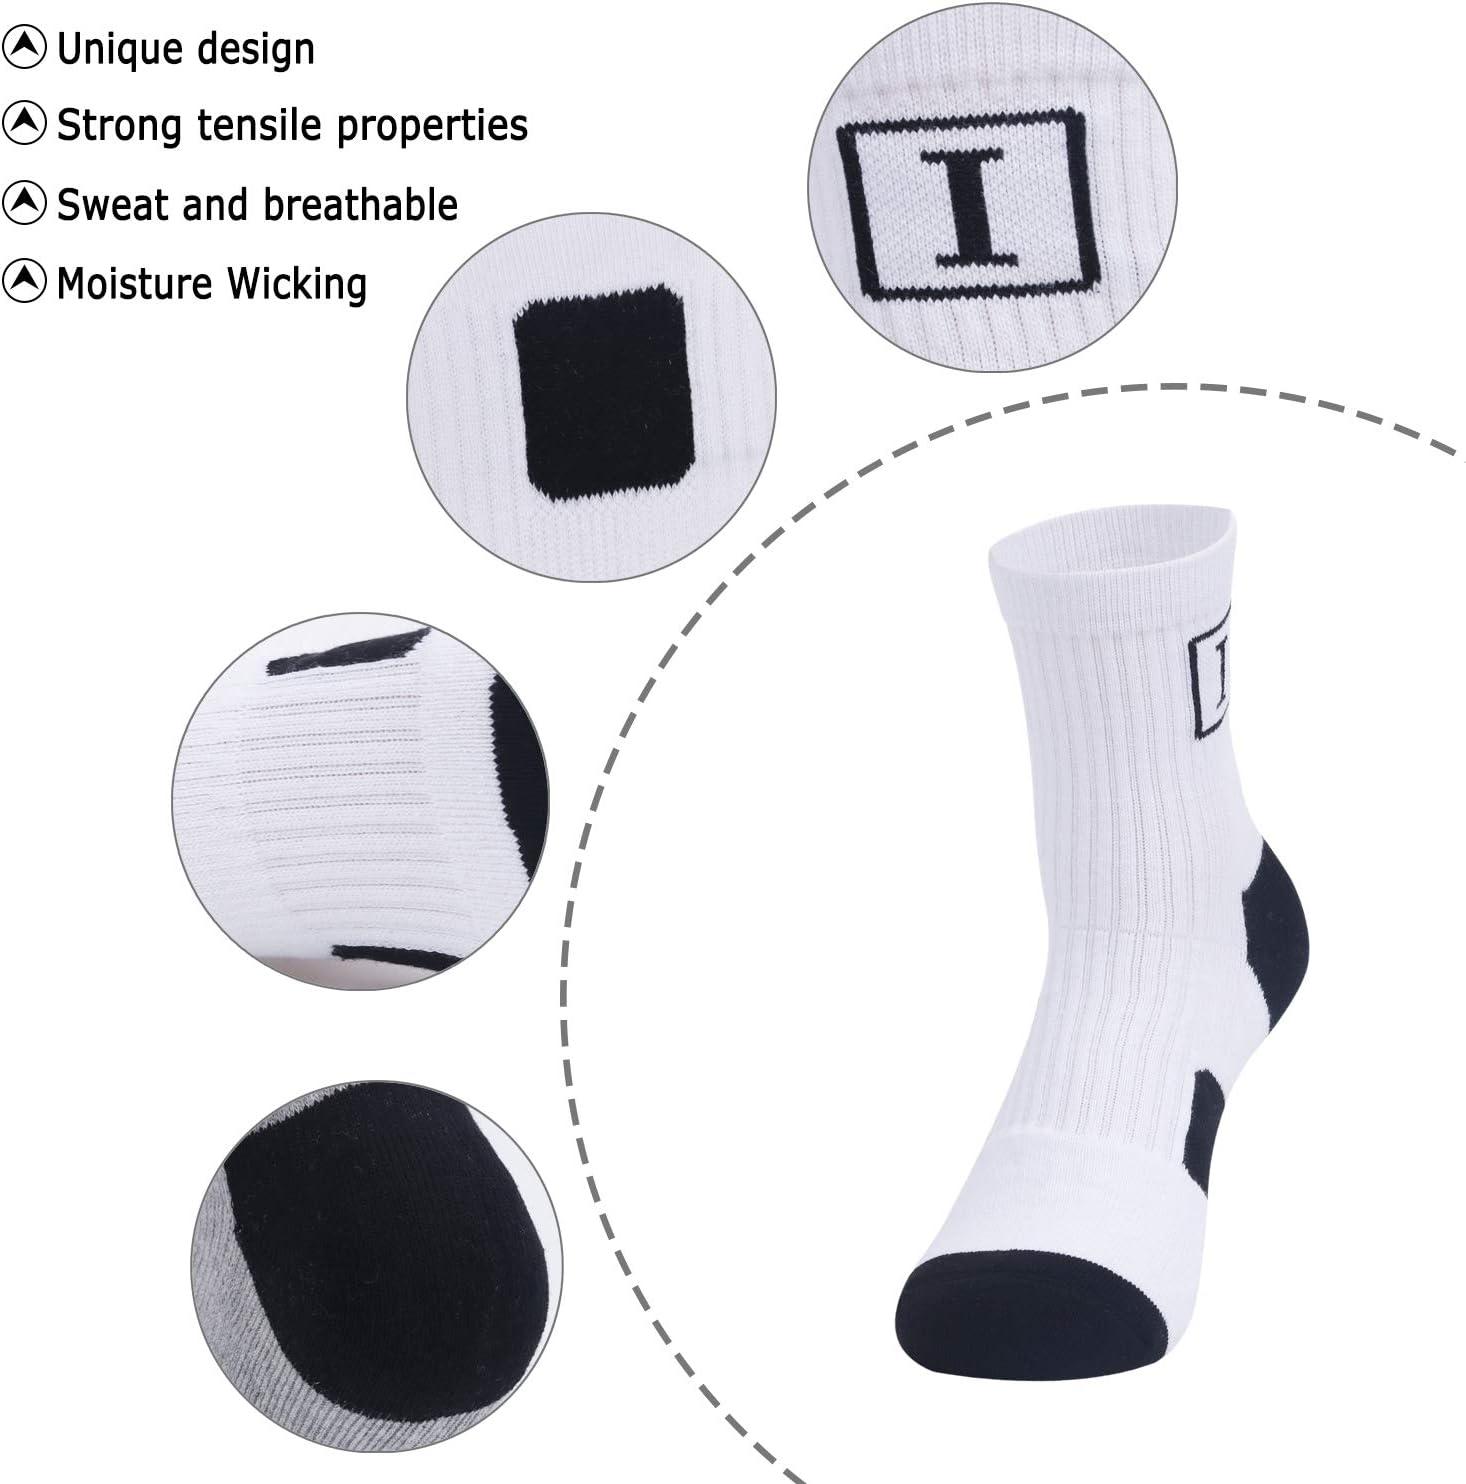 Irypulse Hombres Mujeres Calcetines Deportes Calcet/ín Resistente al Desgaste Algod/ón Suave C/ómodo Transpirable